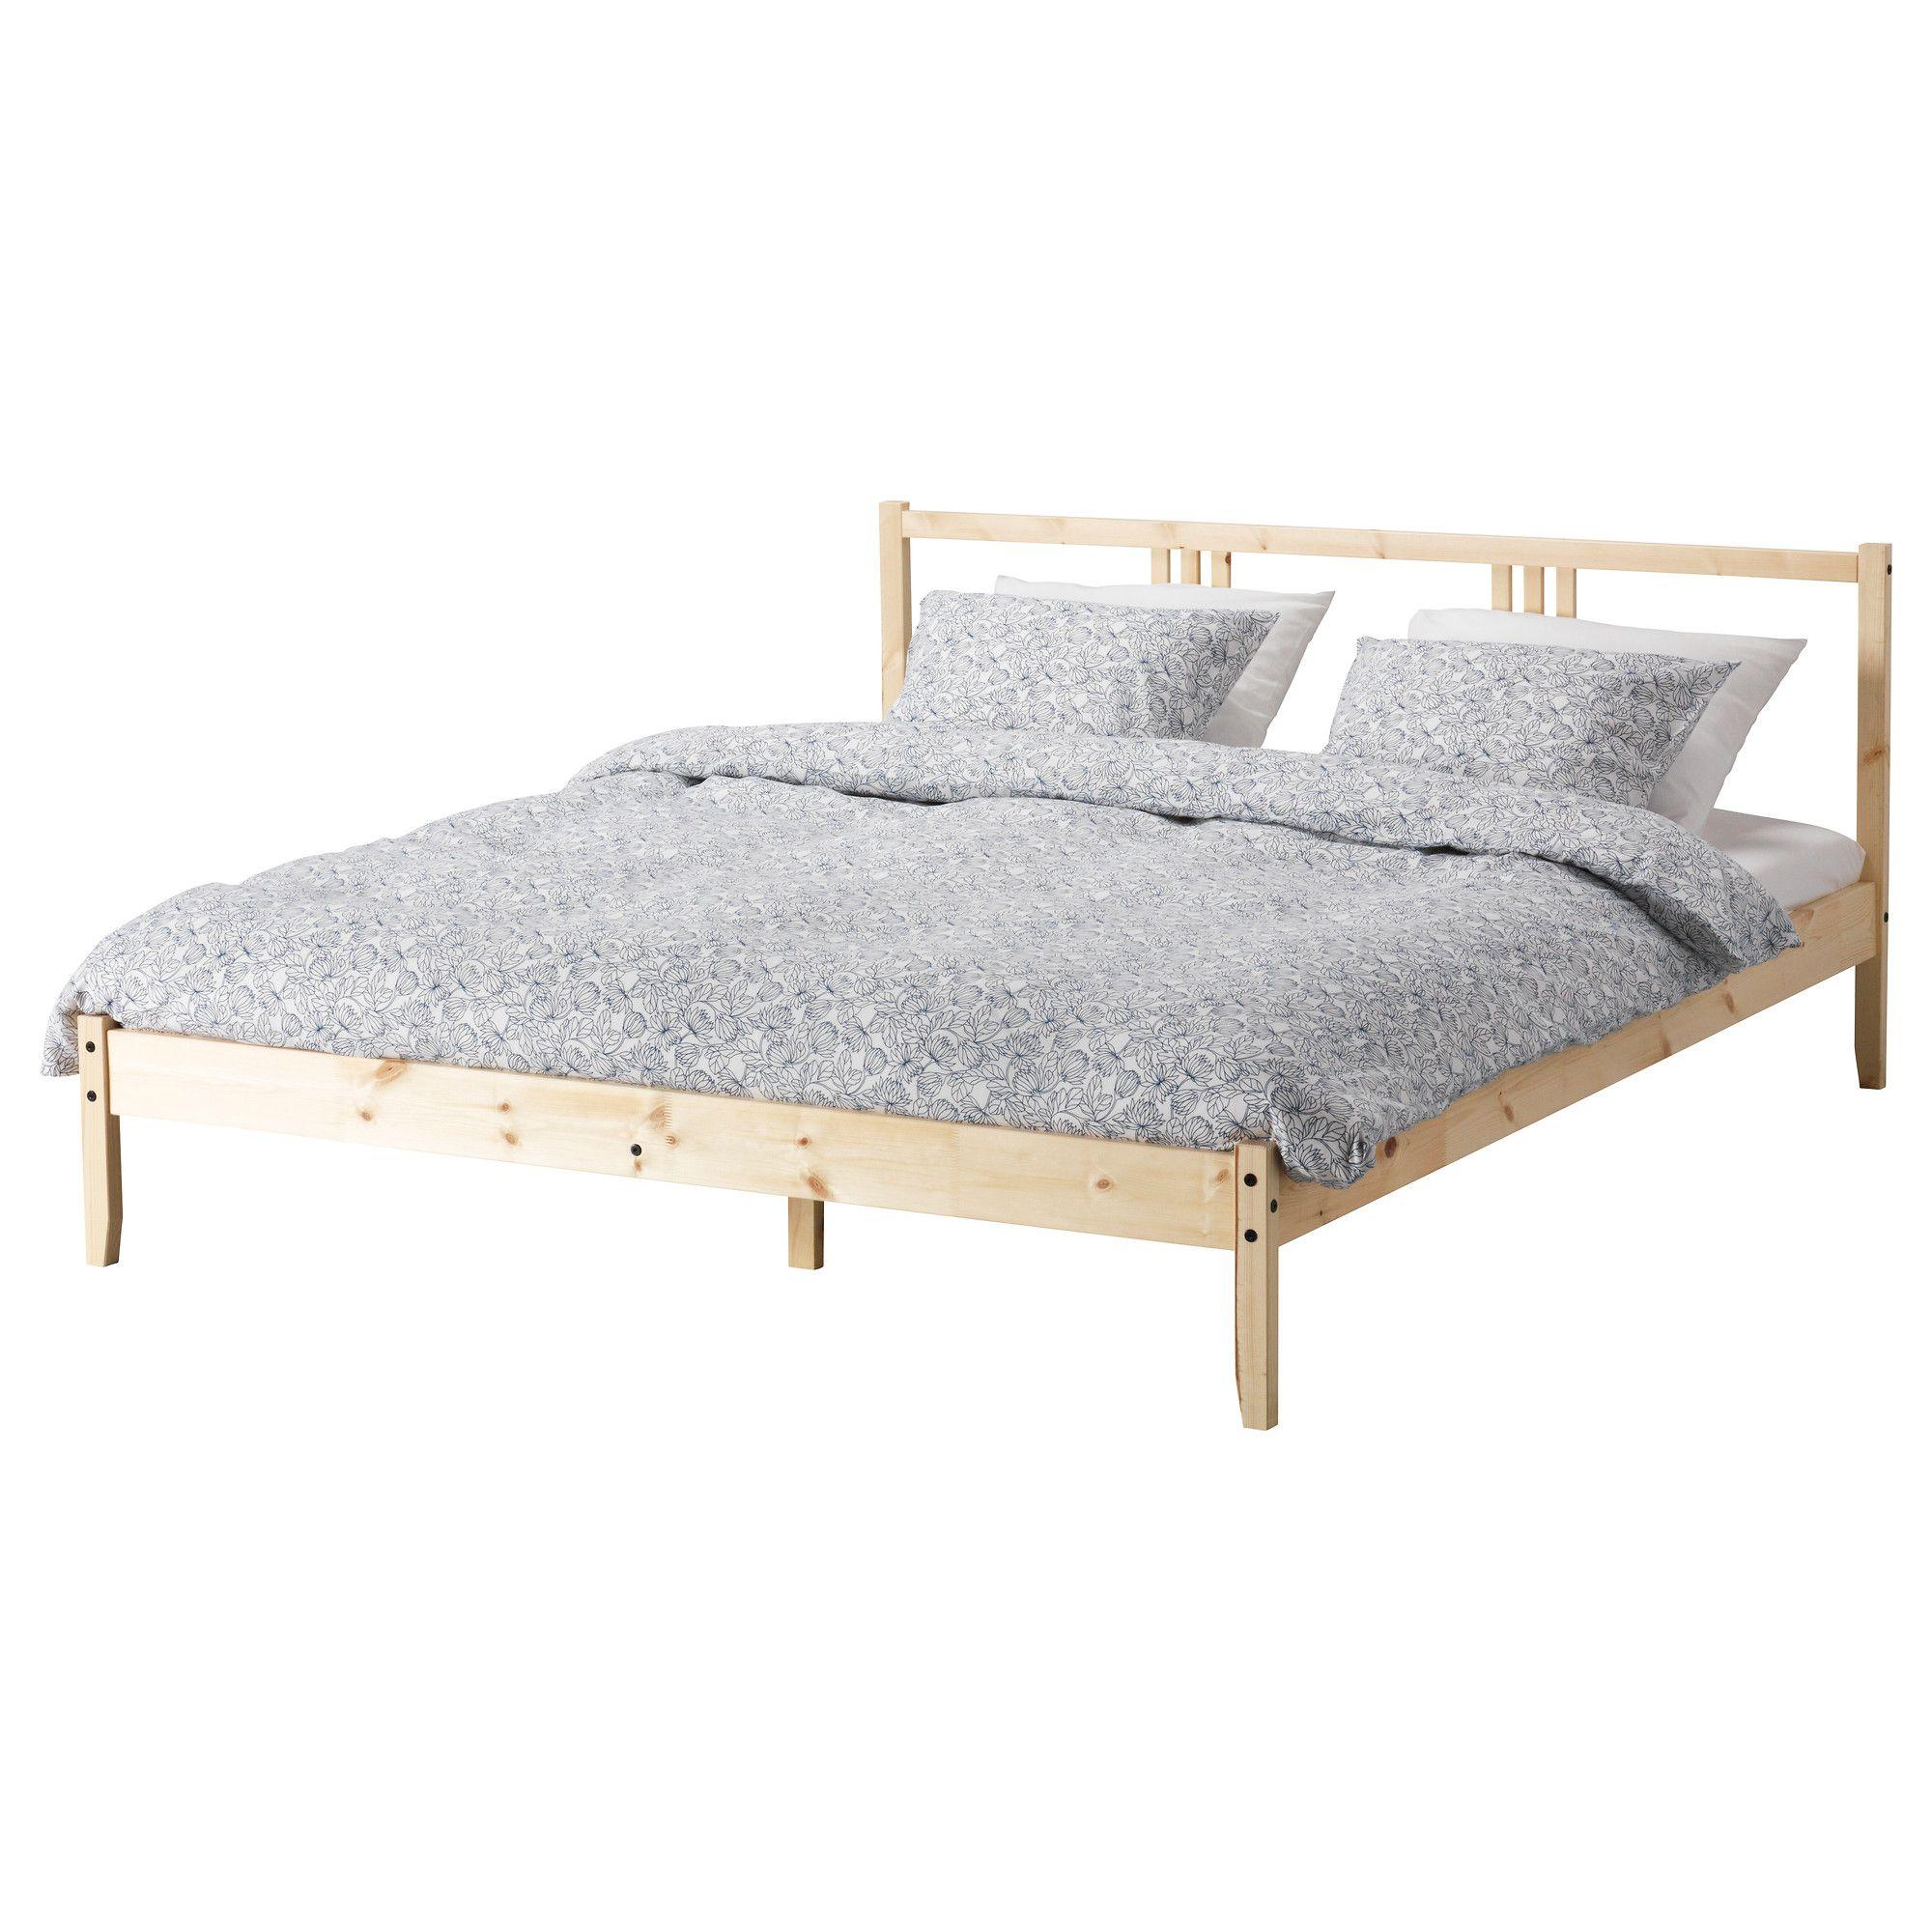 Futon Platform Bed Frames Ikea